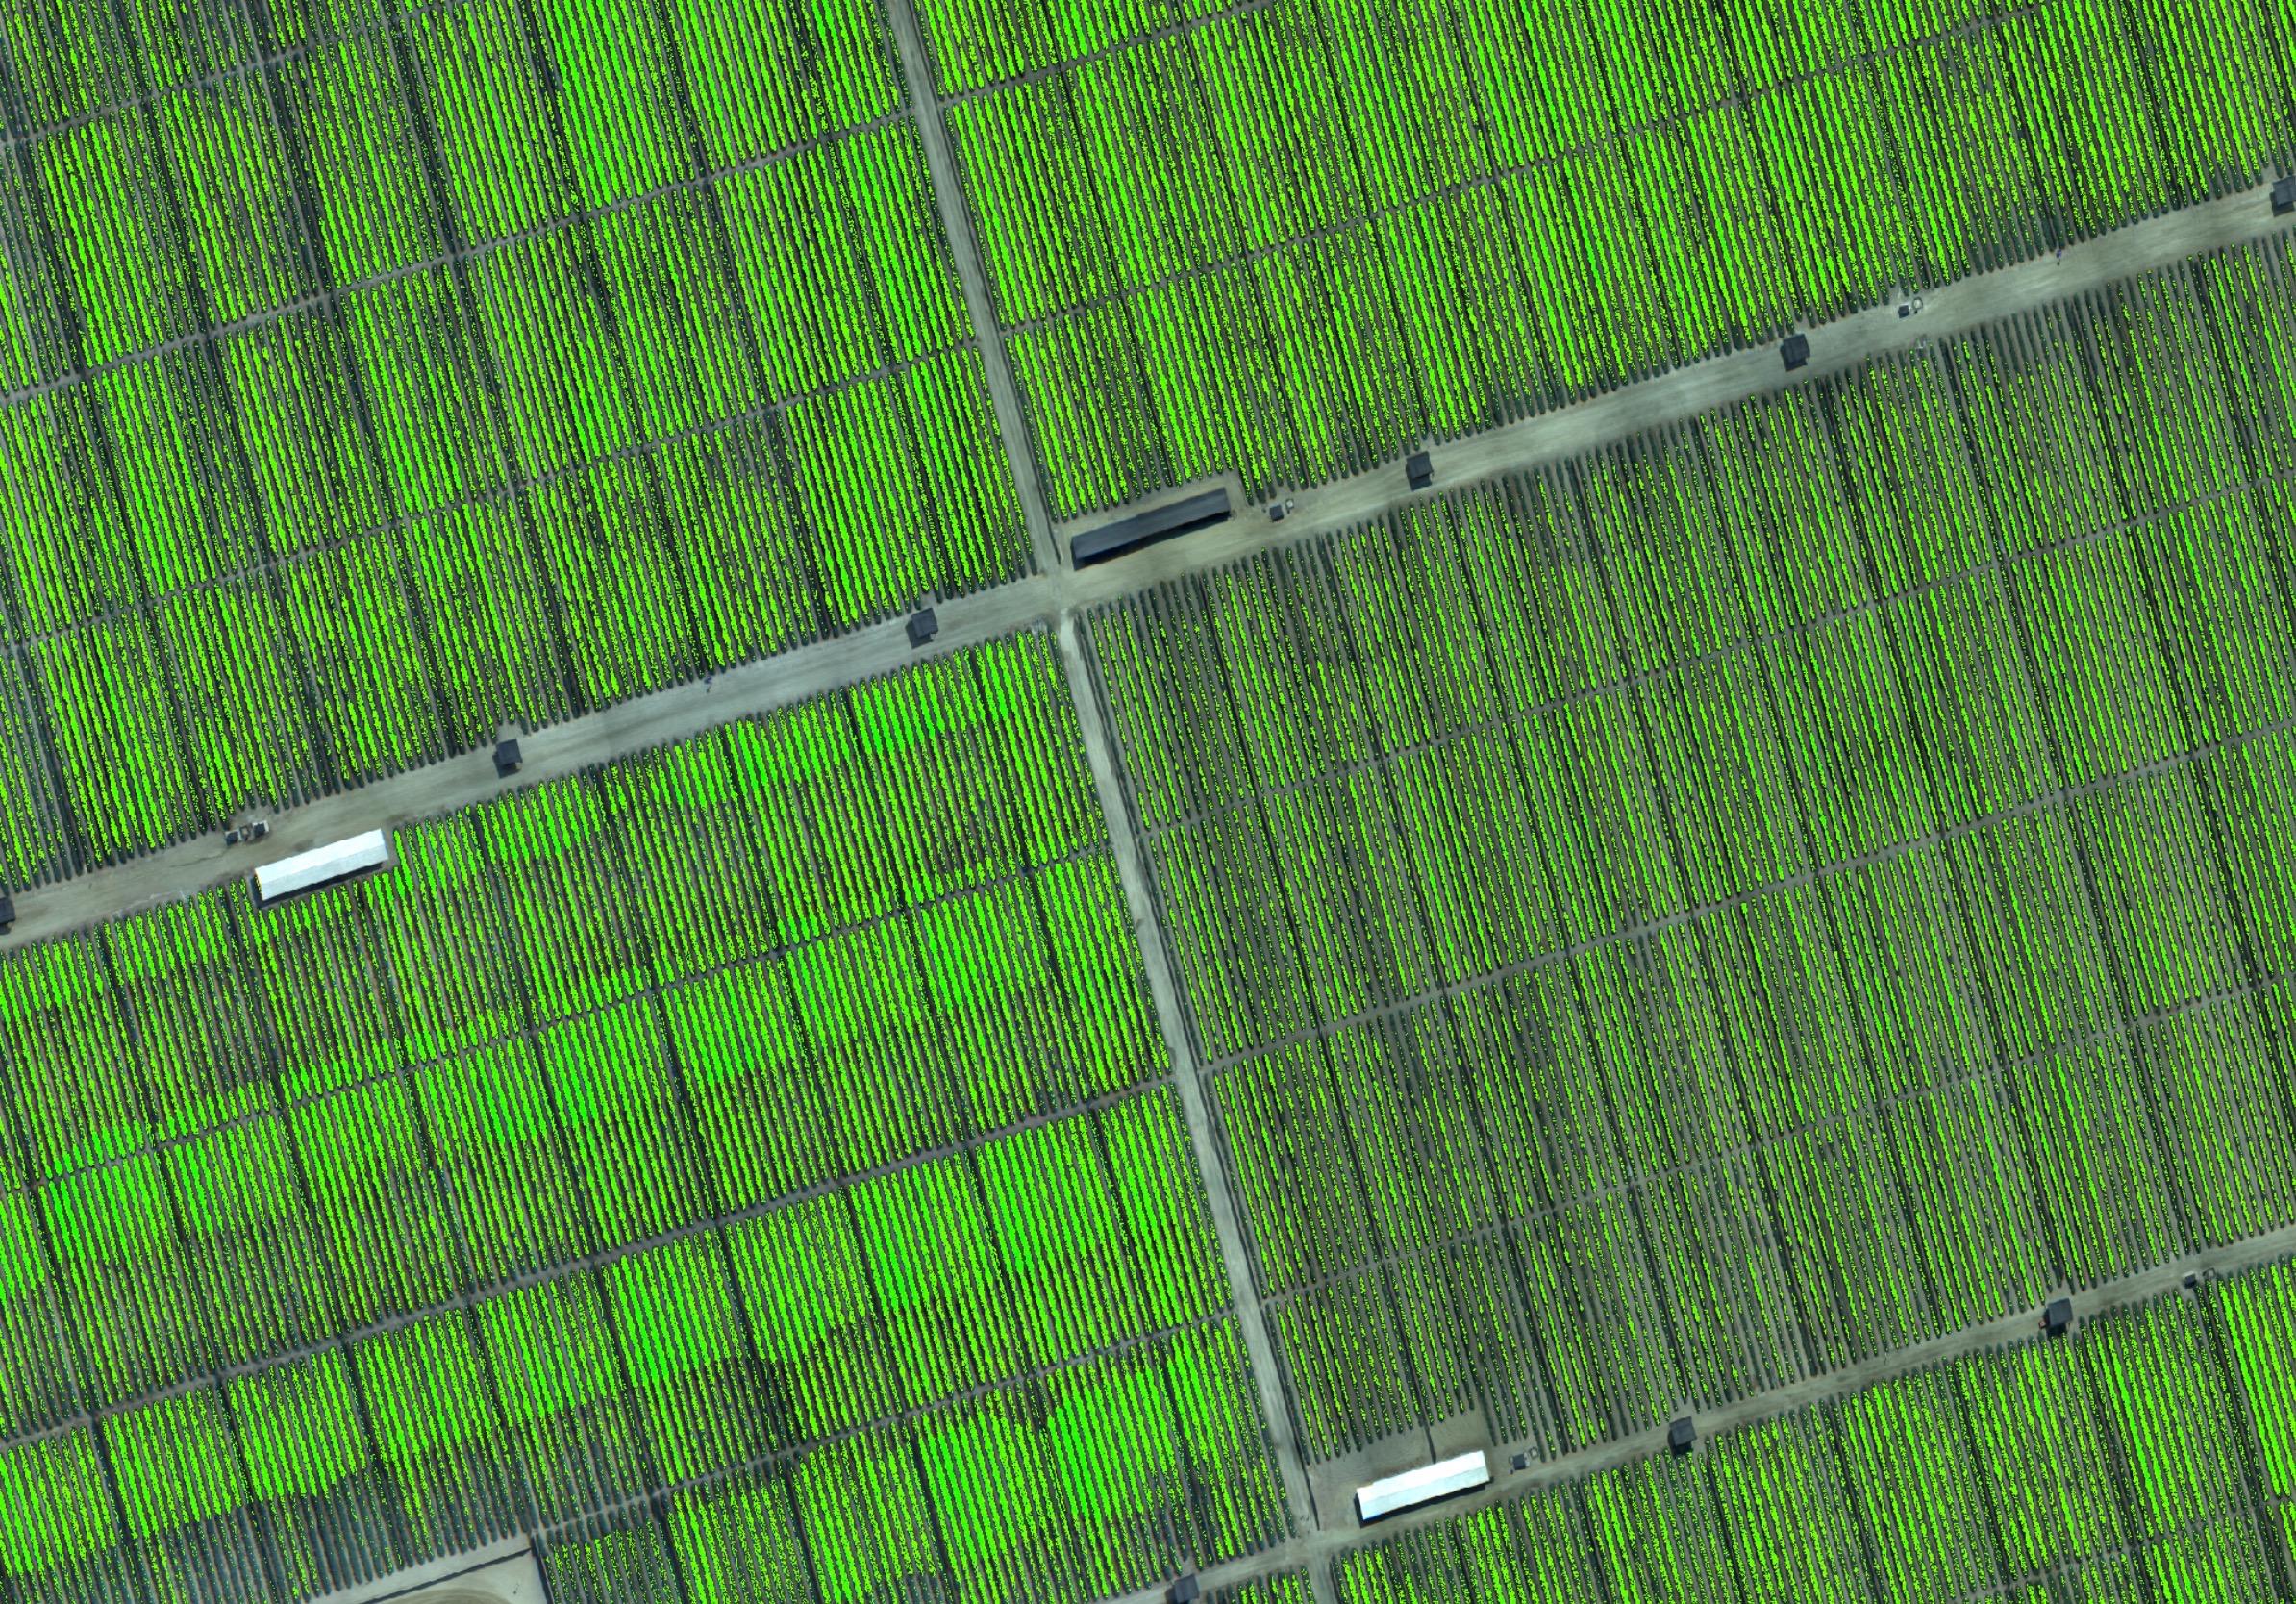 Drones Peru Fotogrametria y Agricultura de precisión